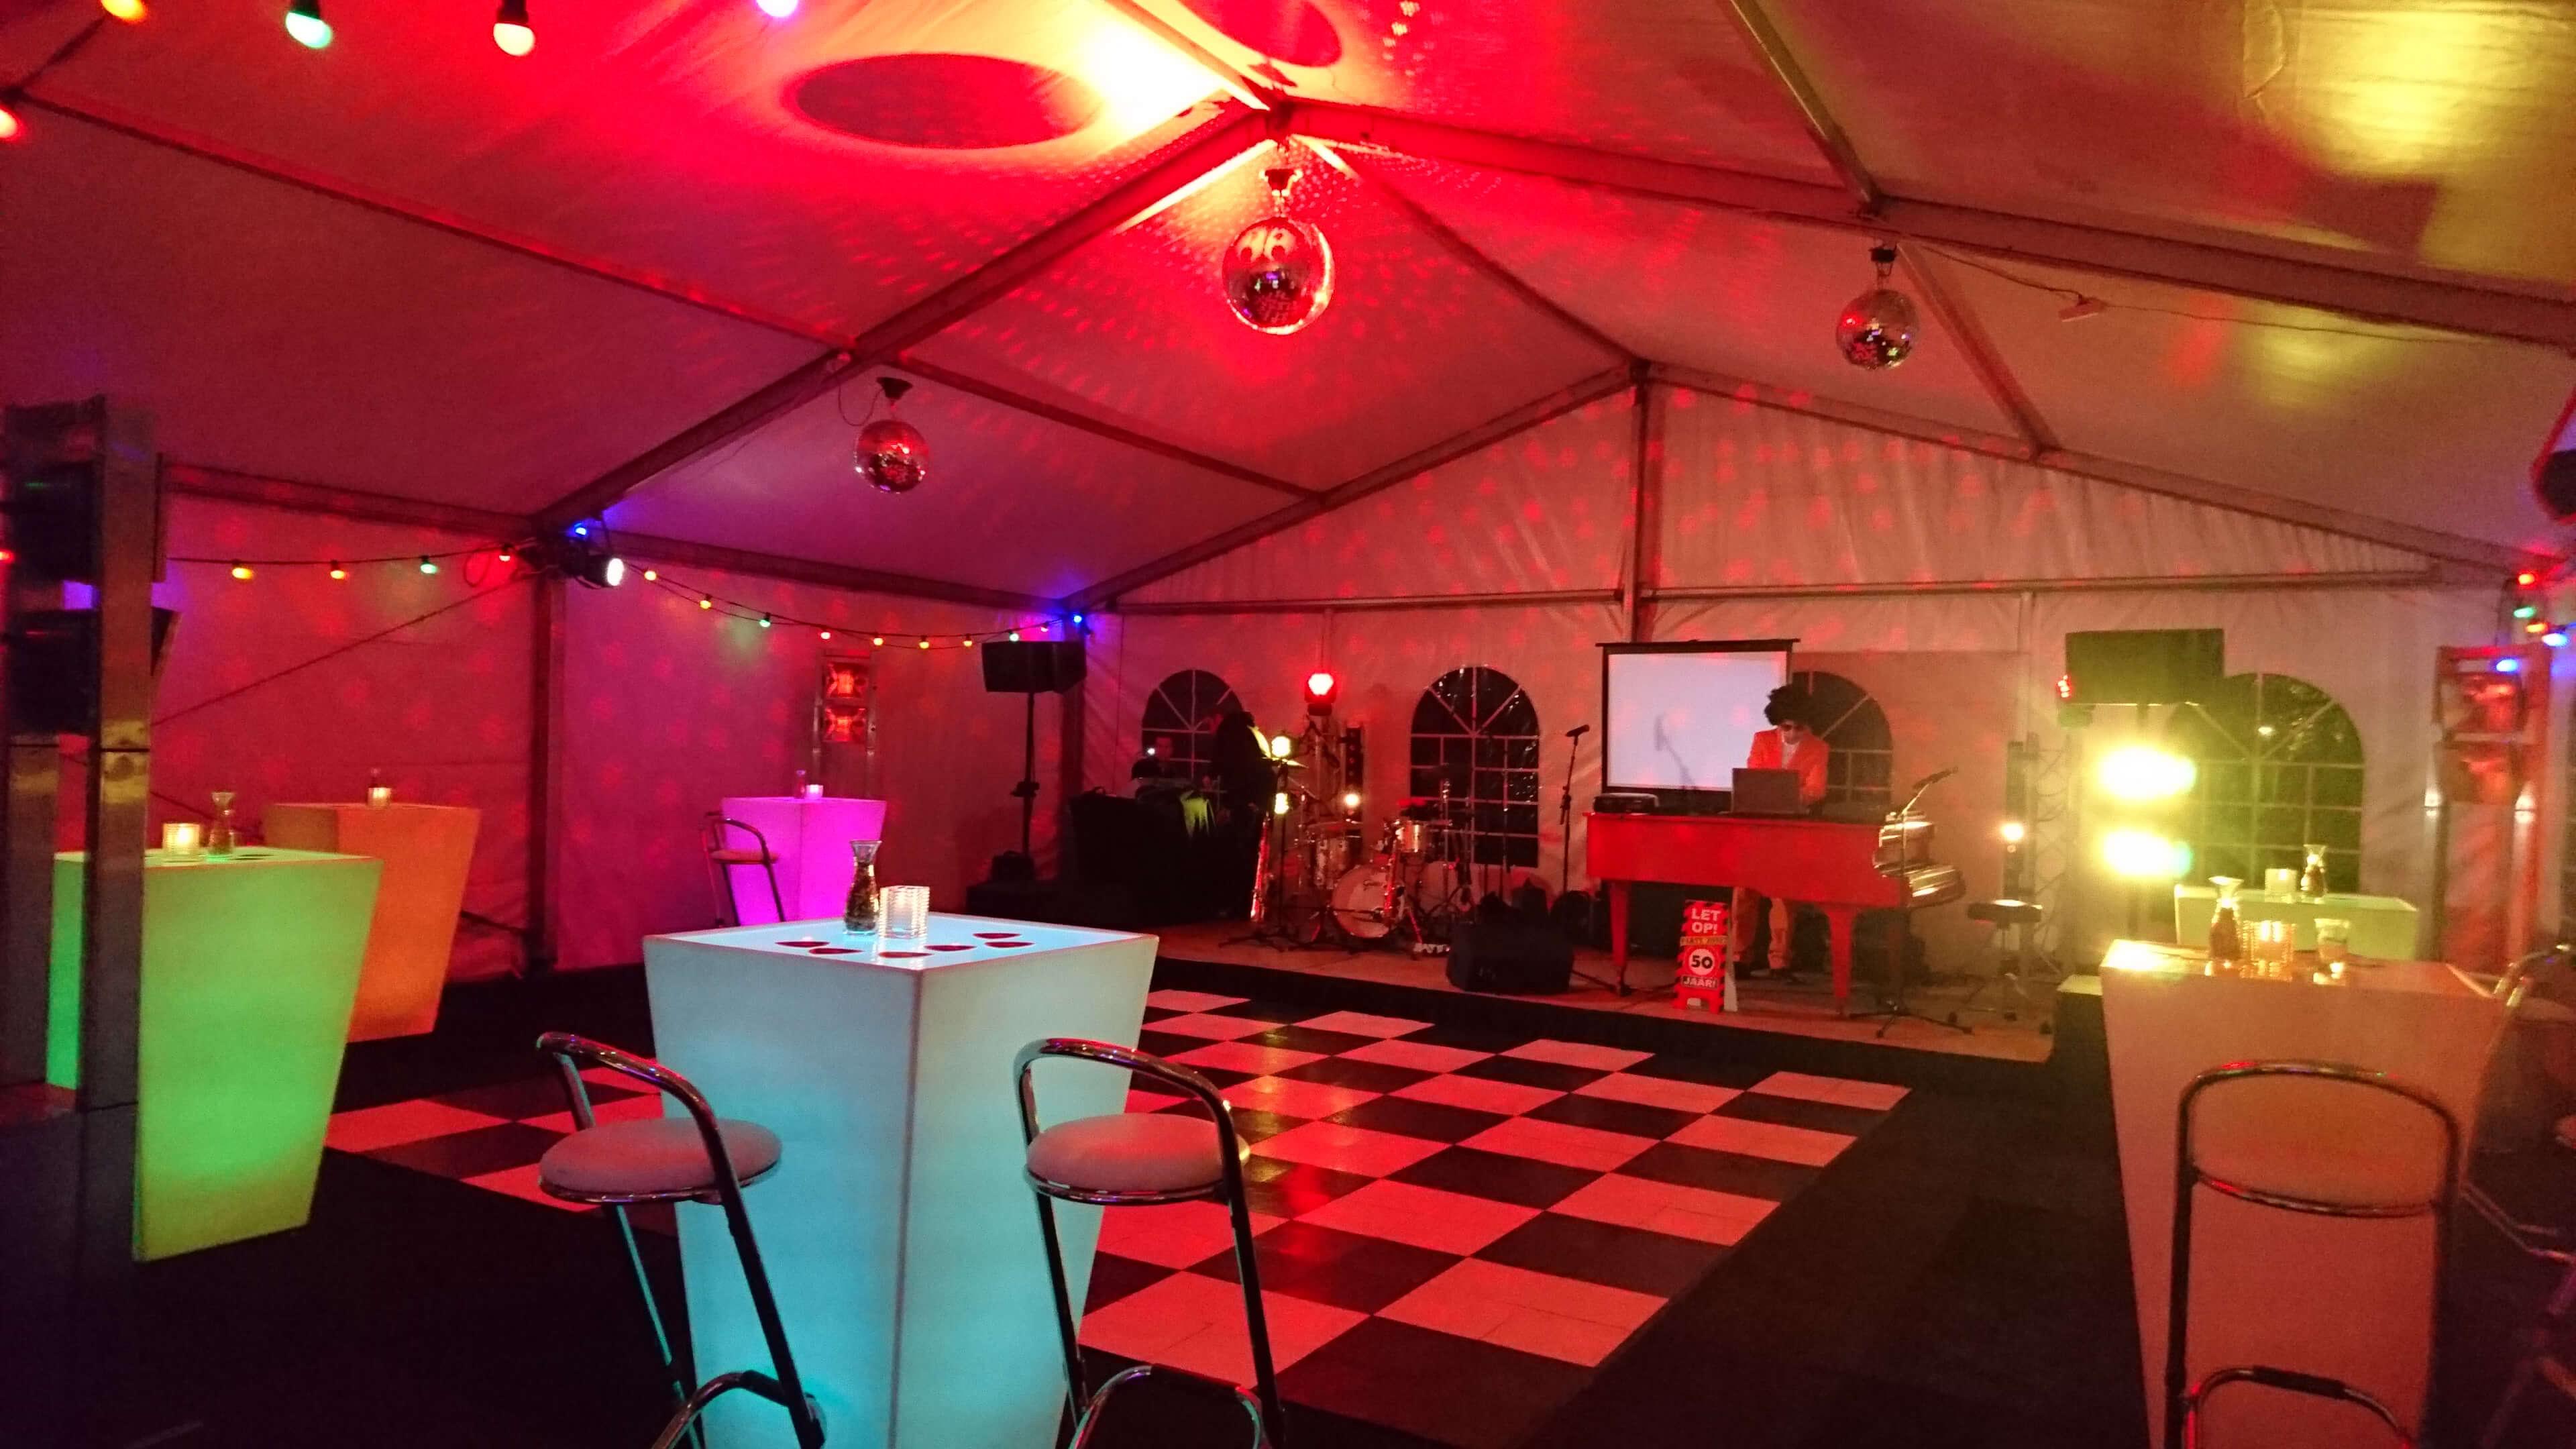 Tentfeest met verlichte dansvloer